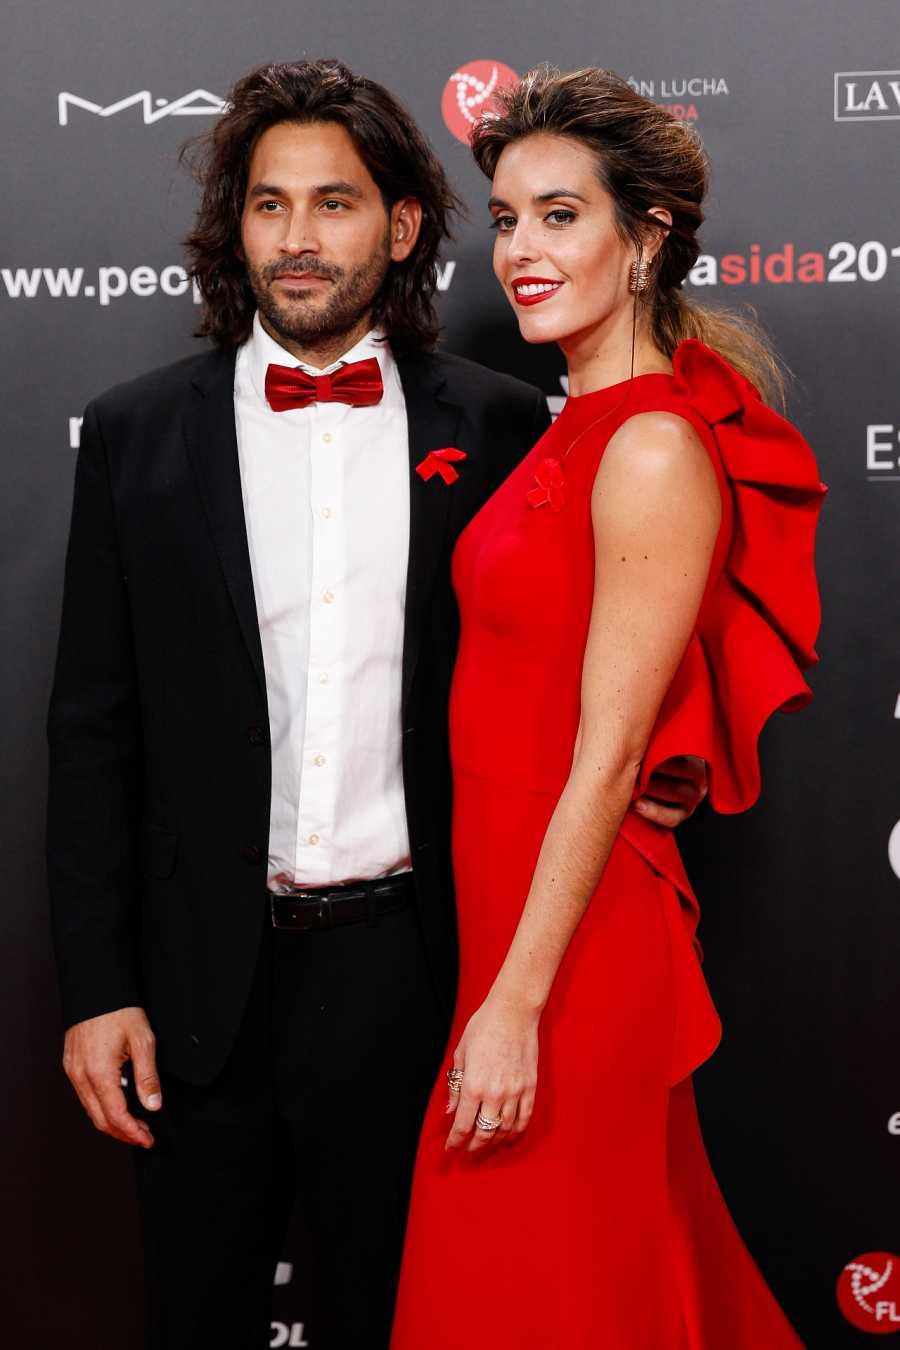 Ona Carbonell y Pablo Ibáñez en la gala contra el sida en noviembre